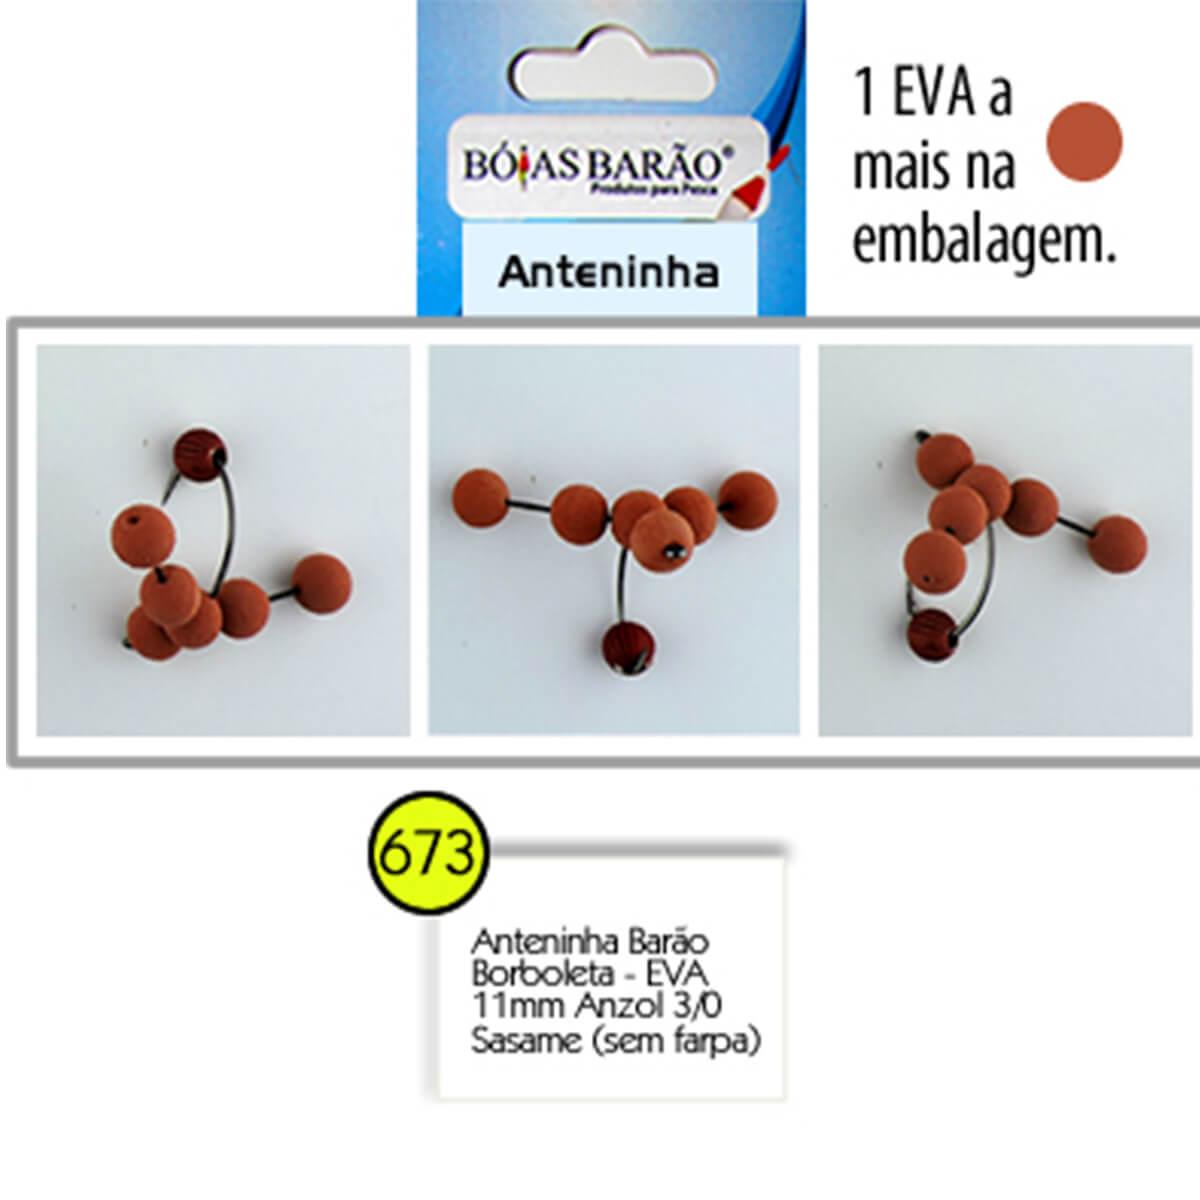 Anteninha Boias Barão Borboleta EVA com Miçanga Anzol Sasame 3/0 - Nº 673